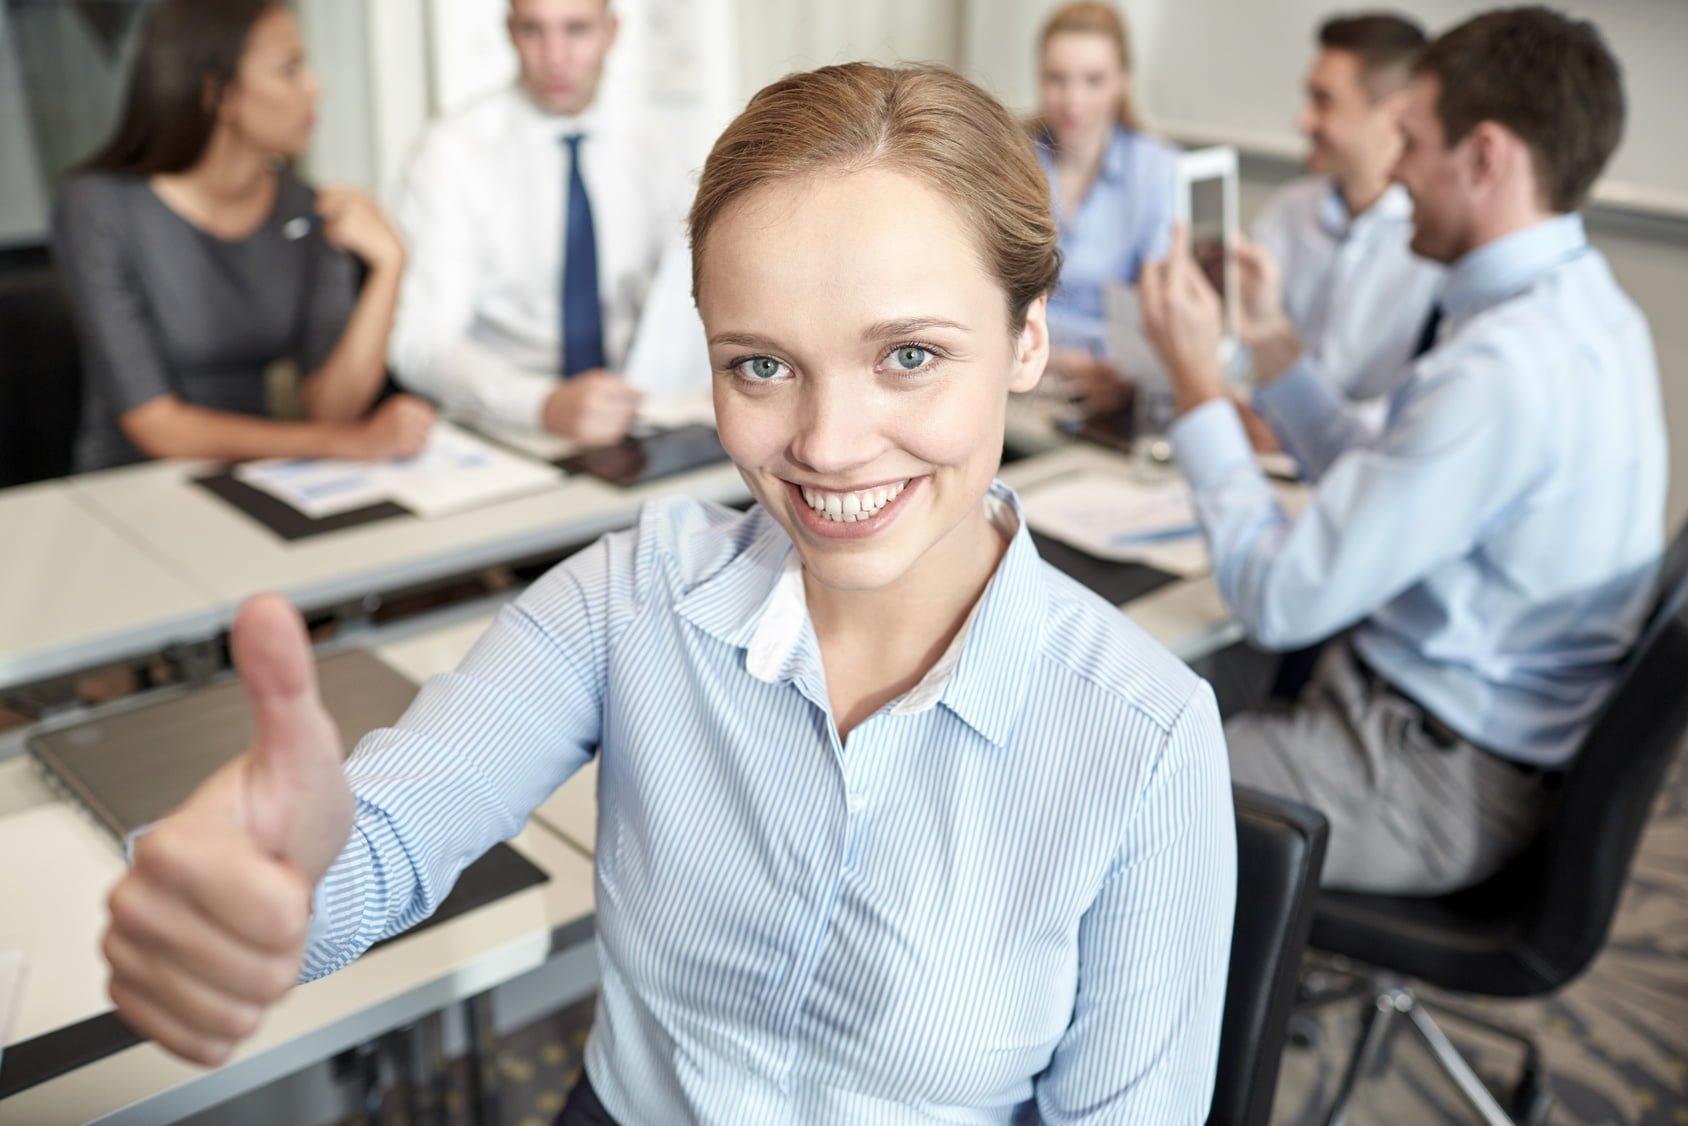 Avustralya'da Dil Eğitimi Alırken Çalışabilirmiyim?